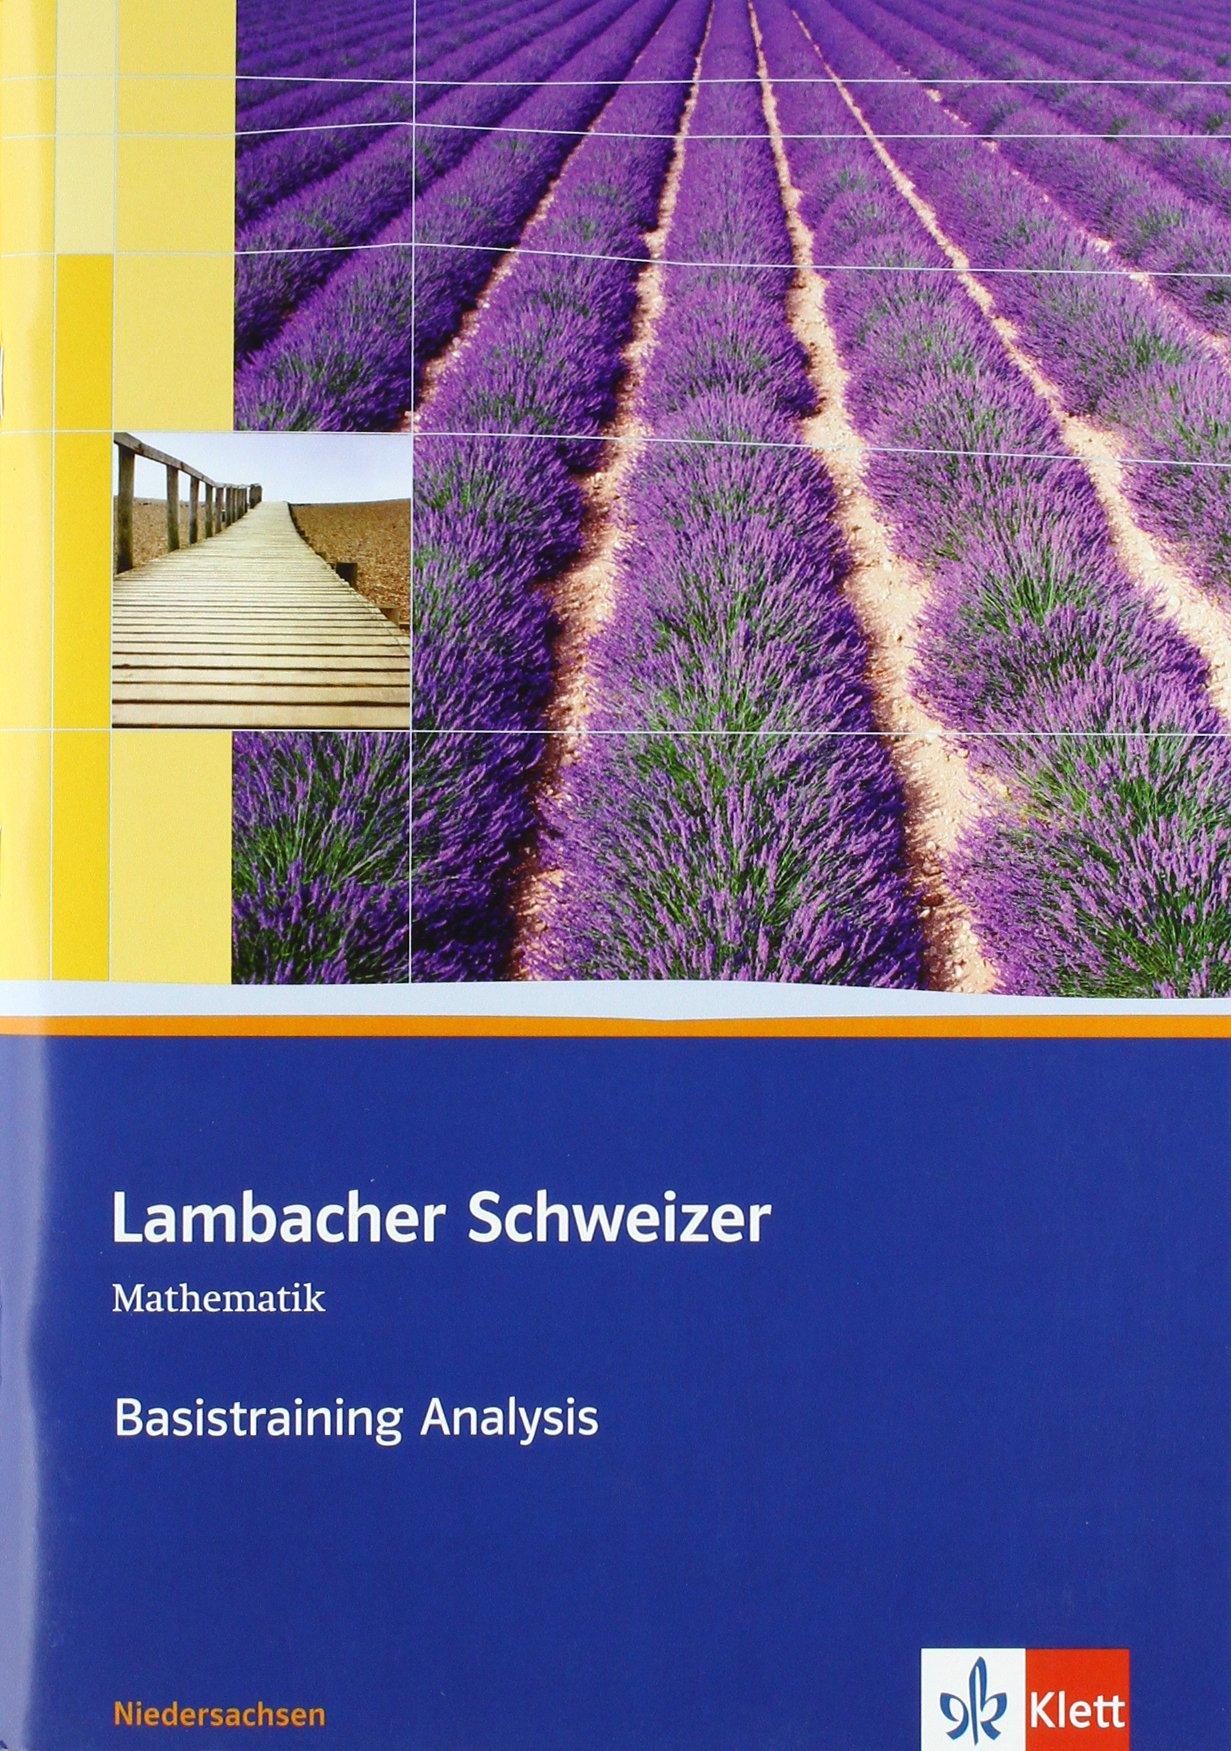 Lambacher Schweizer Mathematik Basistraining Analysis. Ausgabe Niedersachsen: Arbeitsheft plus Lösungen Klassen 11/12 (Lambacher Schweizer. Ausgabe für Niedersachsen ab 2009)